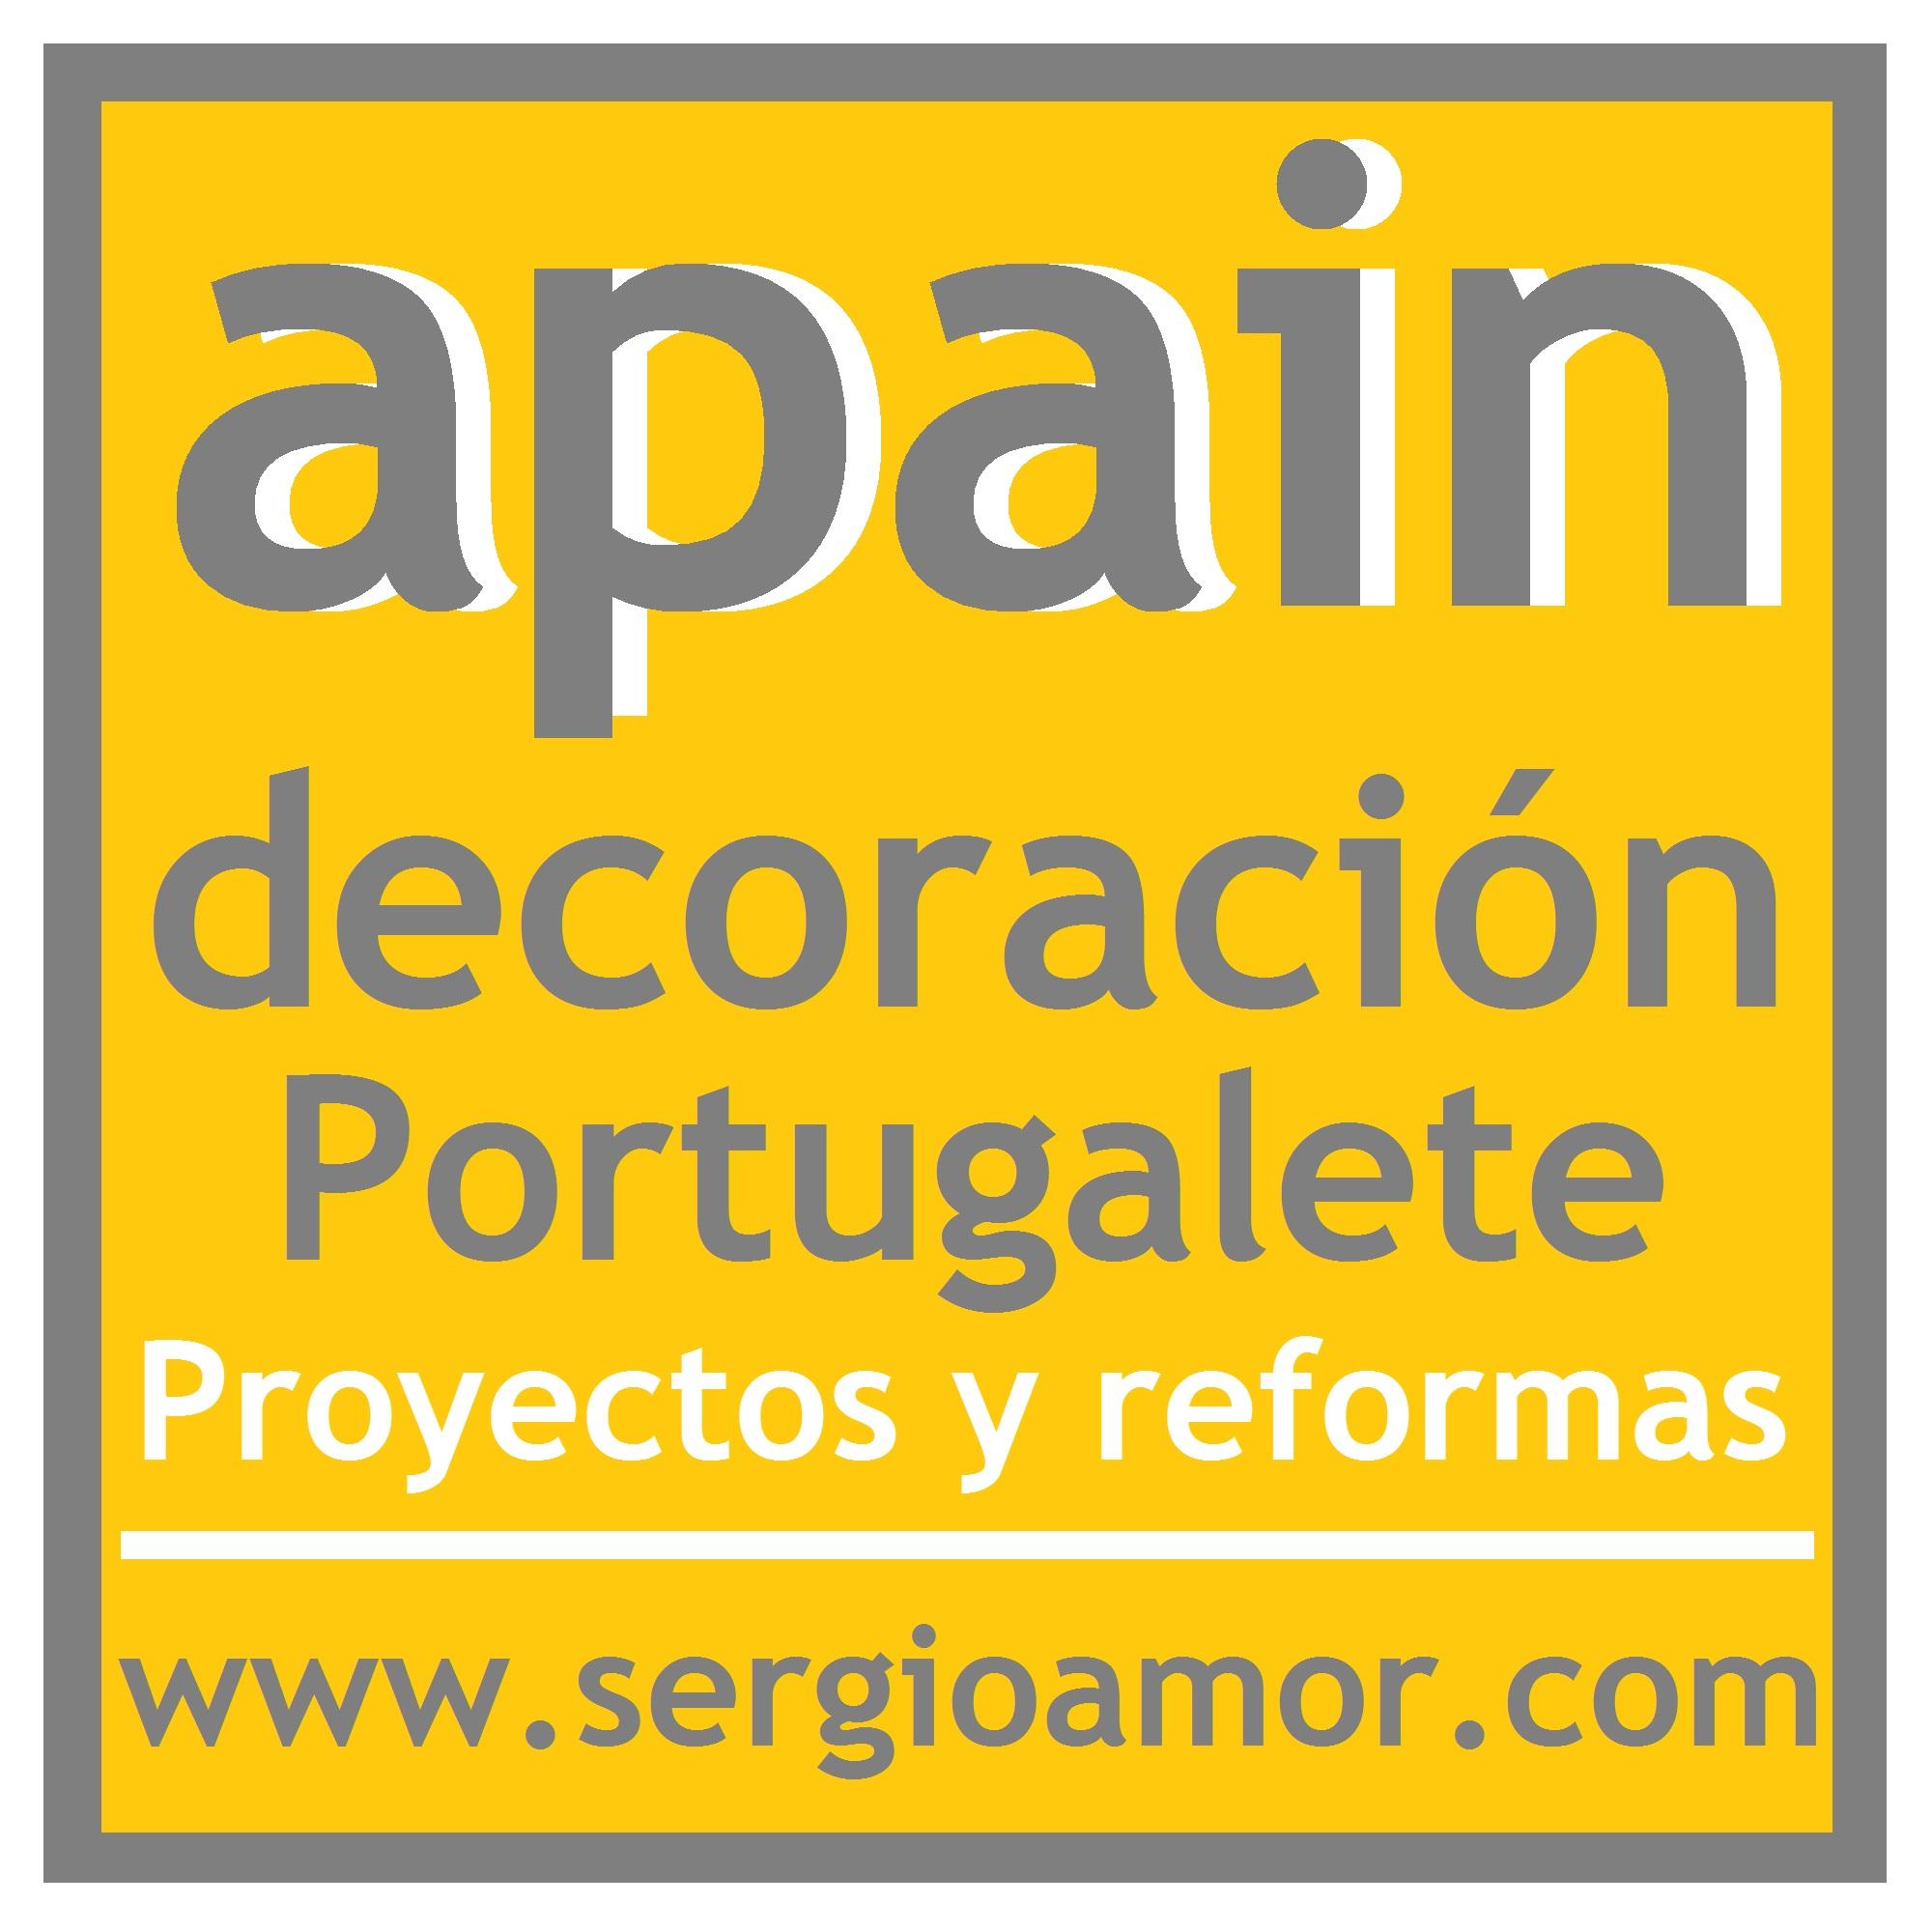 Sergio Amor. Estudio decoración APAIN Barne apaindegia.